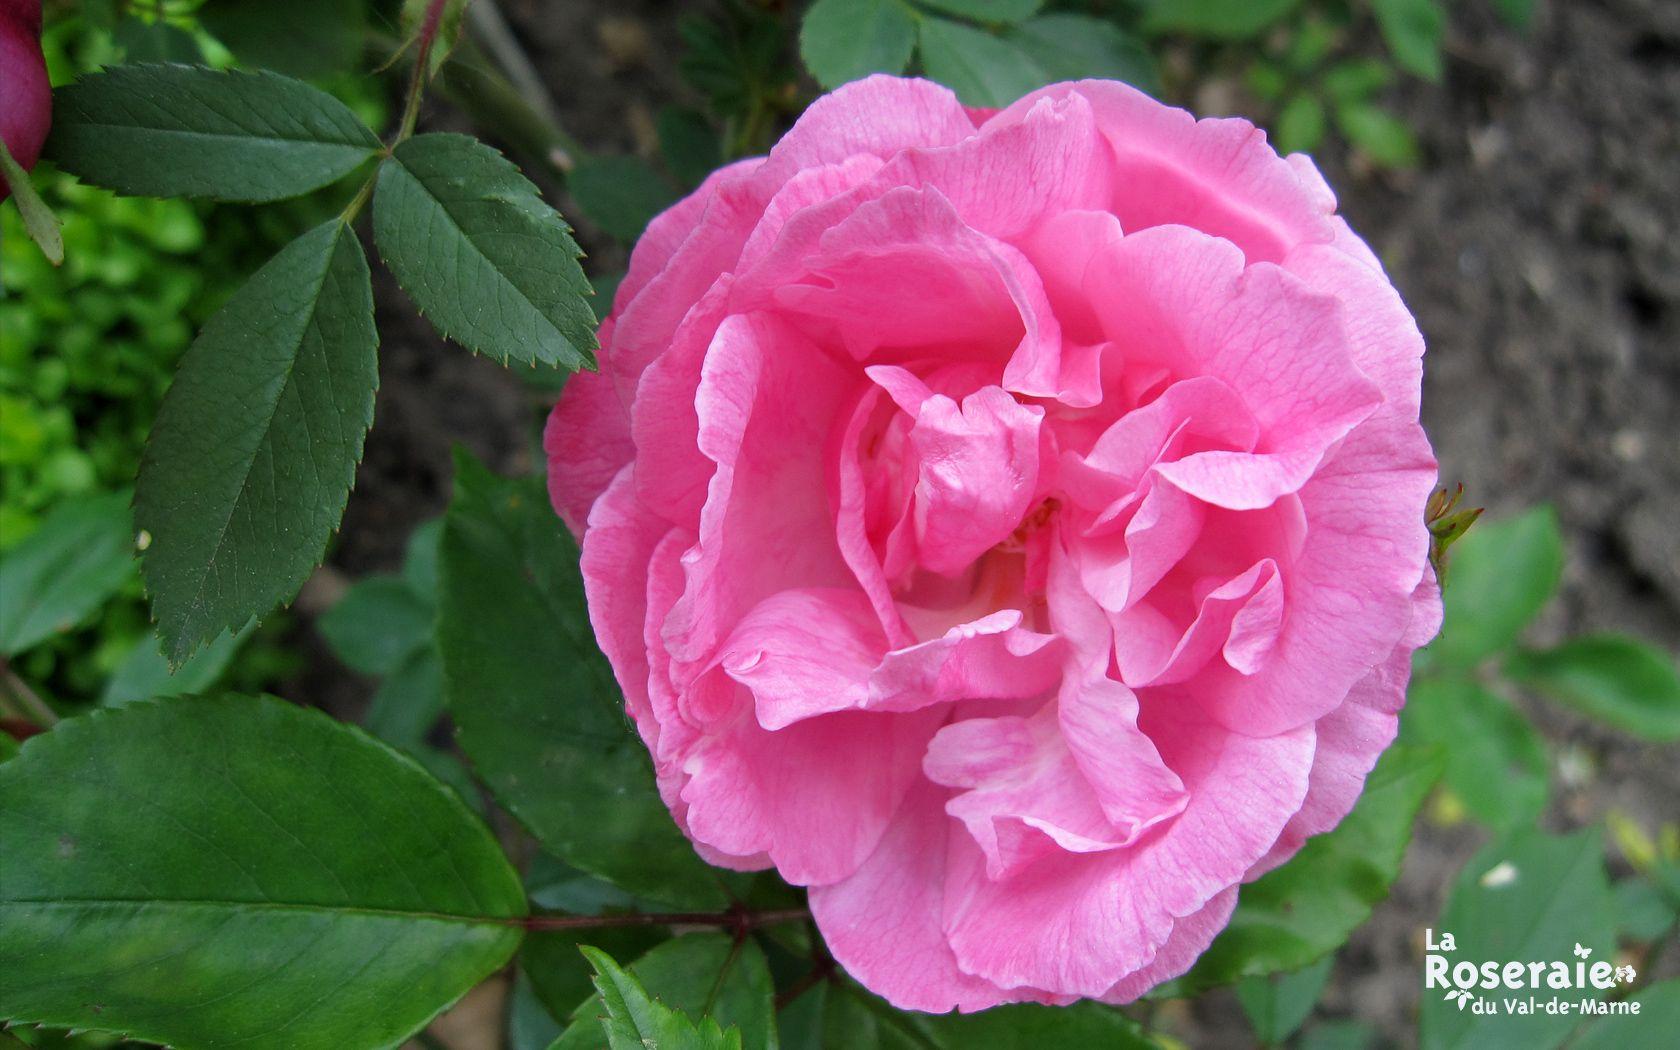 Old Bush est un gracieux buisson au port dressé, fleurisant de mai jusqu'aux gelées en légers bouquets de fleurs moyennes, semi-doubles, rose argenté, nuancé de rose plus vif. Le nom de 'Old Blush', fait référence à la couleur de la rose, semblable à une joue rougissante. Cette rose légèrement parfumée, relativement résistante aux maladies, est l'une des premières roses remontantes introduites en Occident.  Chinensis. Hybrideur inconnu, 1793.